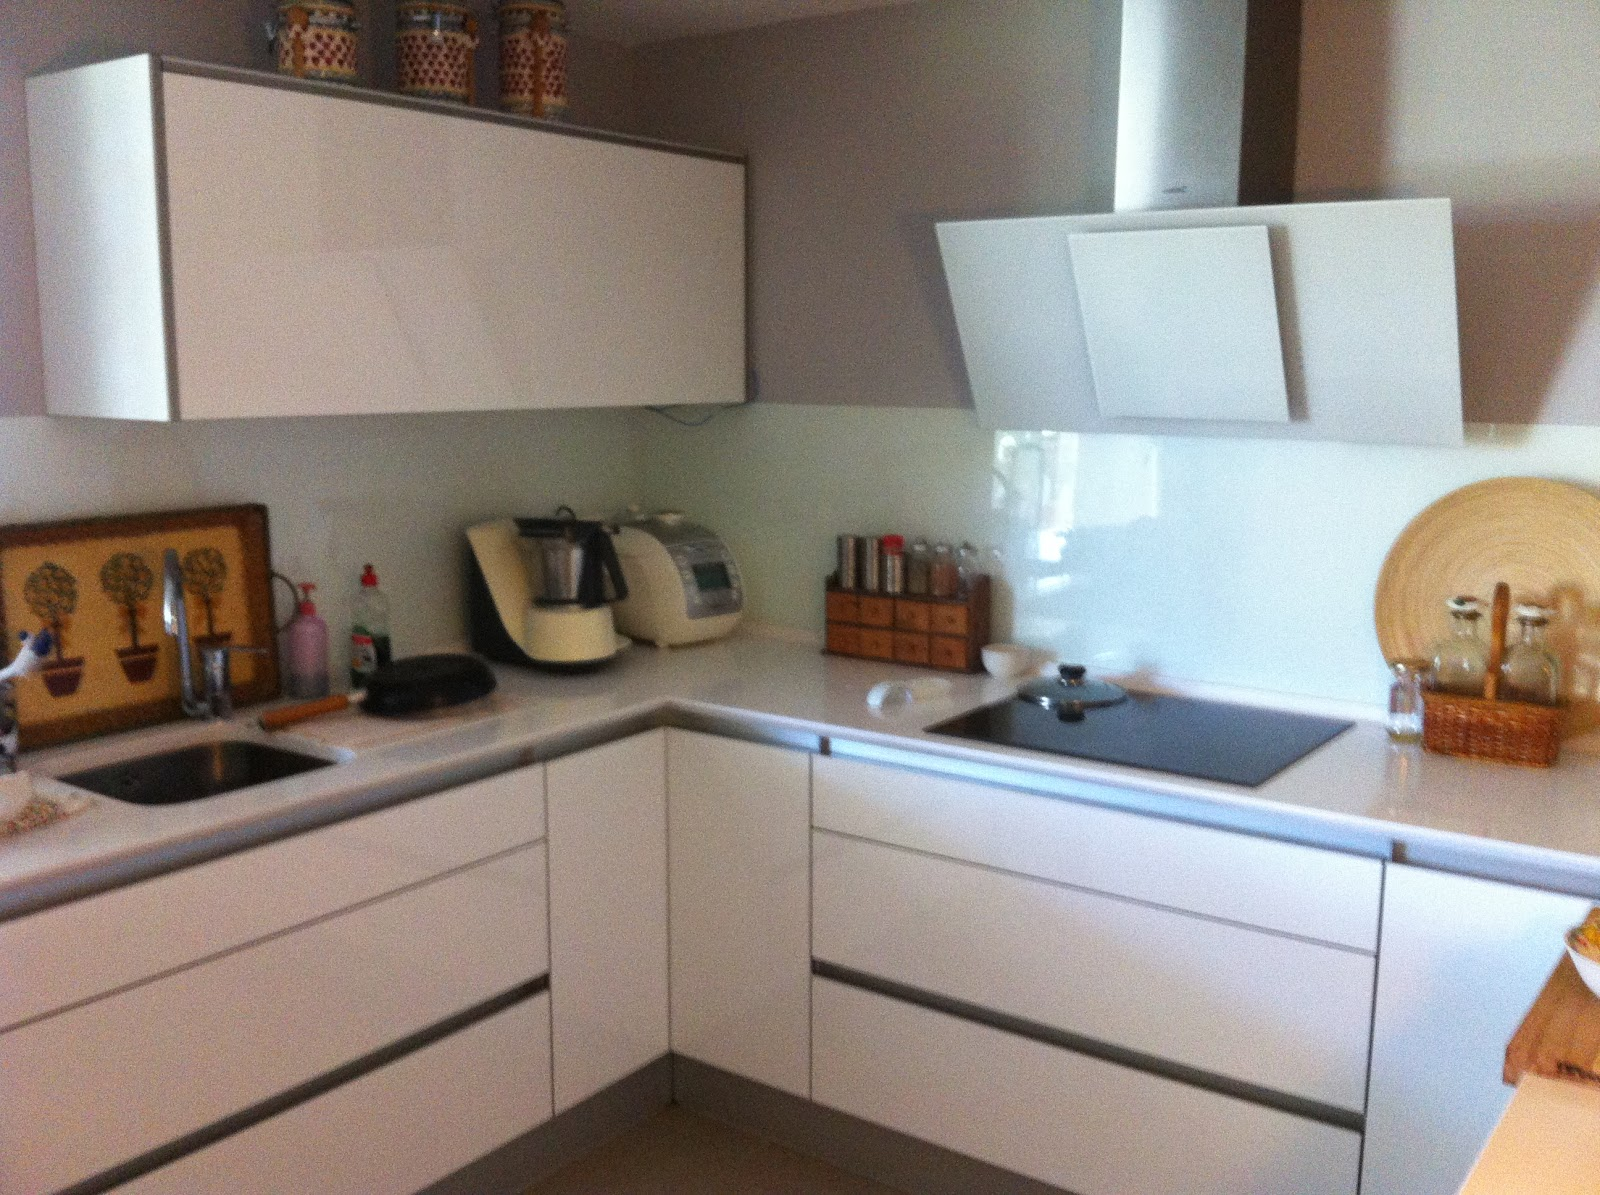 Como limpiar muebles de cocina muy sucios pisos de madera - Como limpiar los azulejos de la cocina muy sucios ...